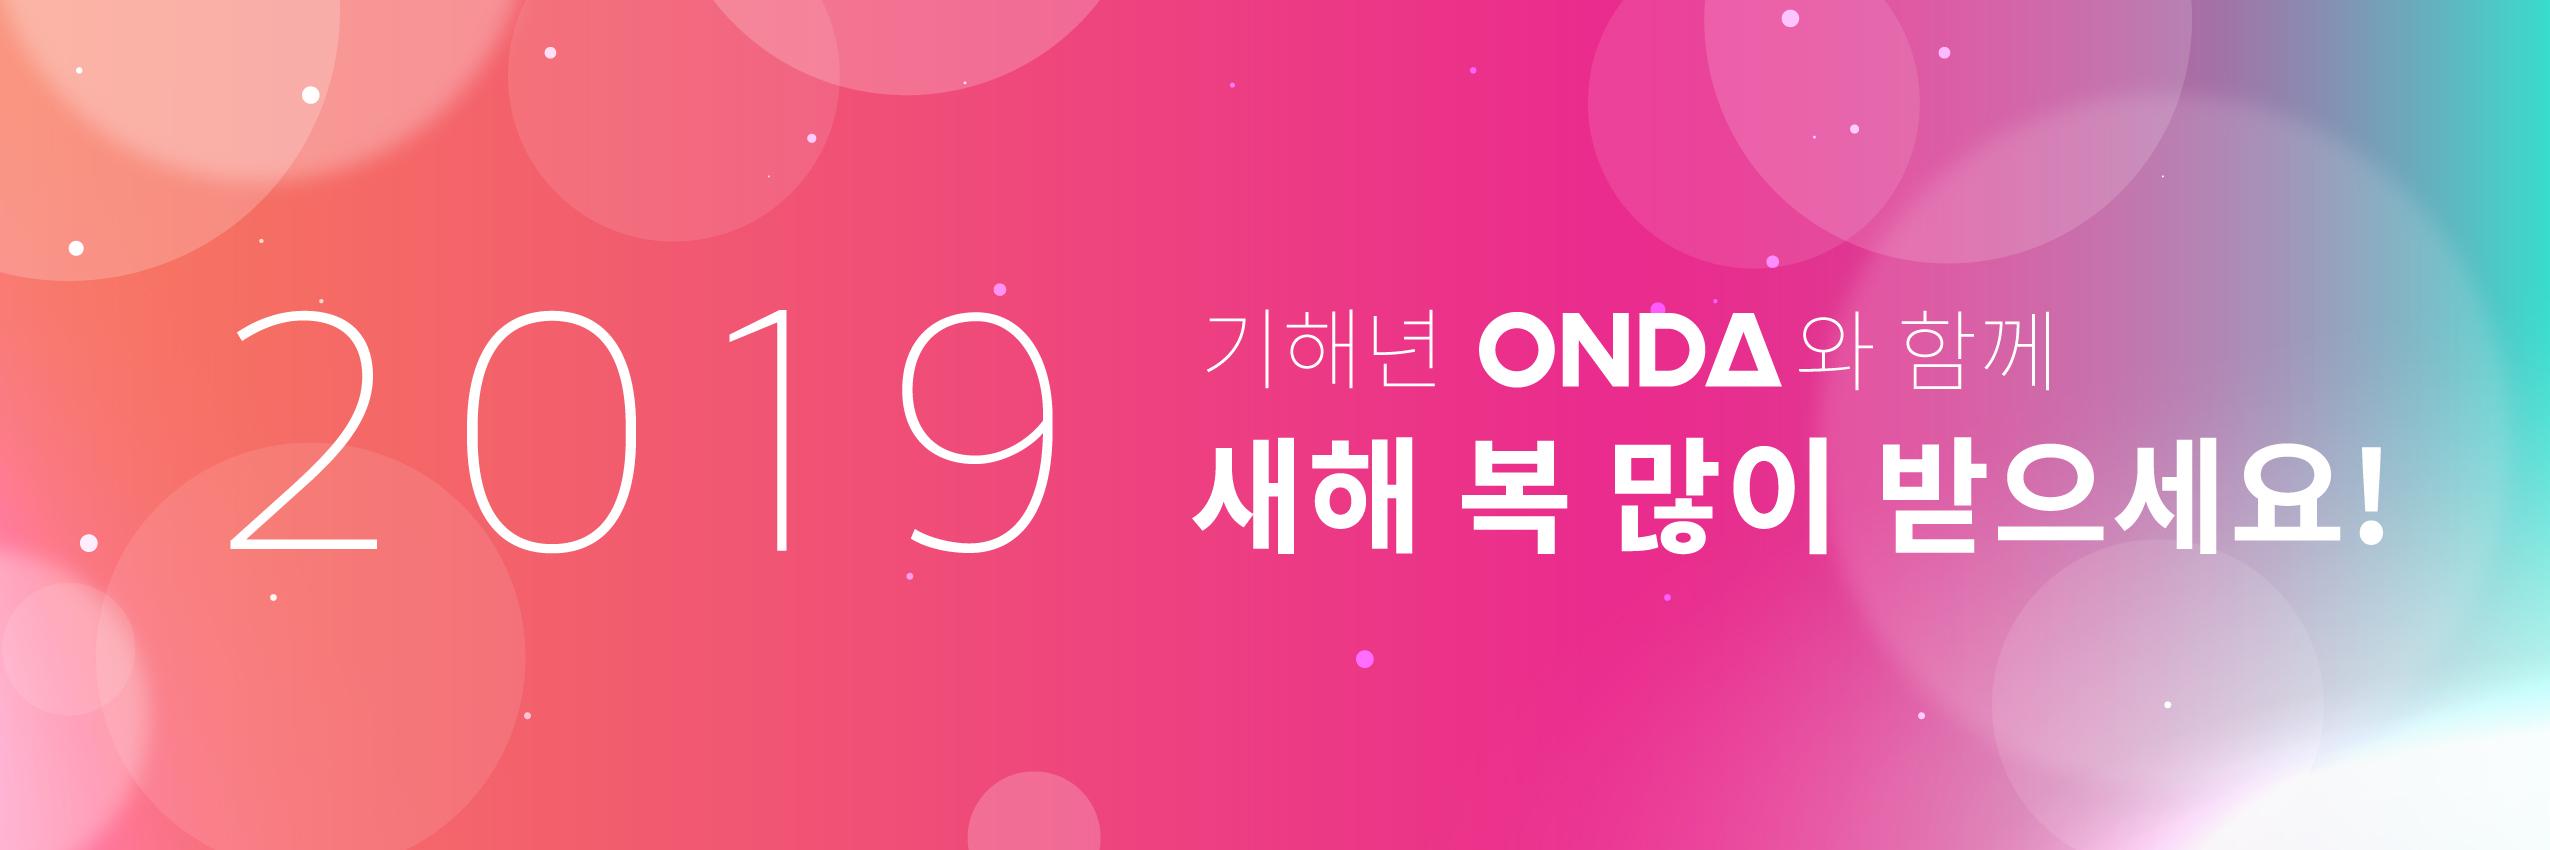 2019 새해맞이 배너.jpg